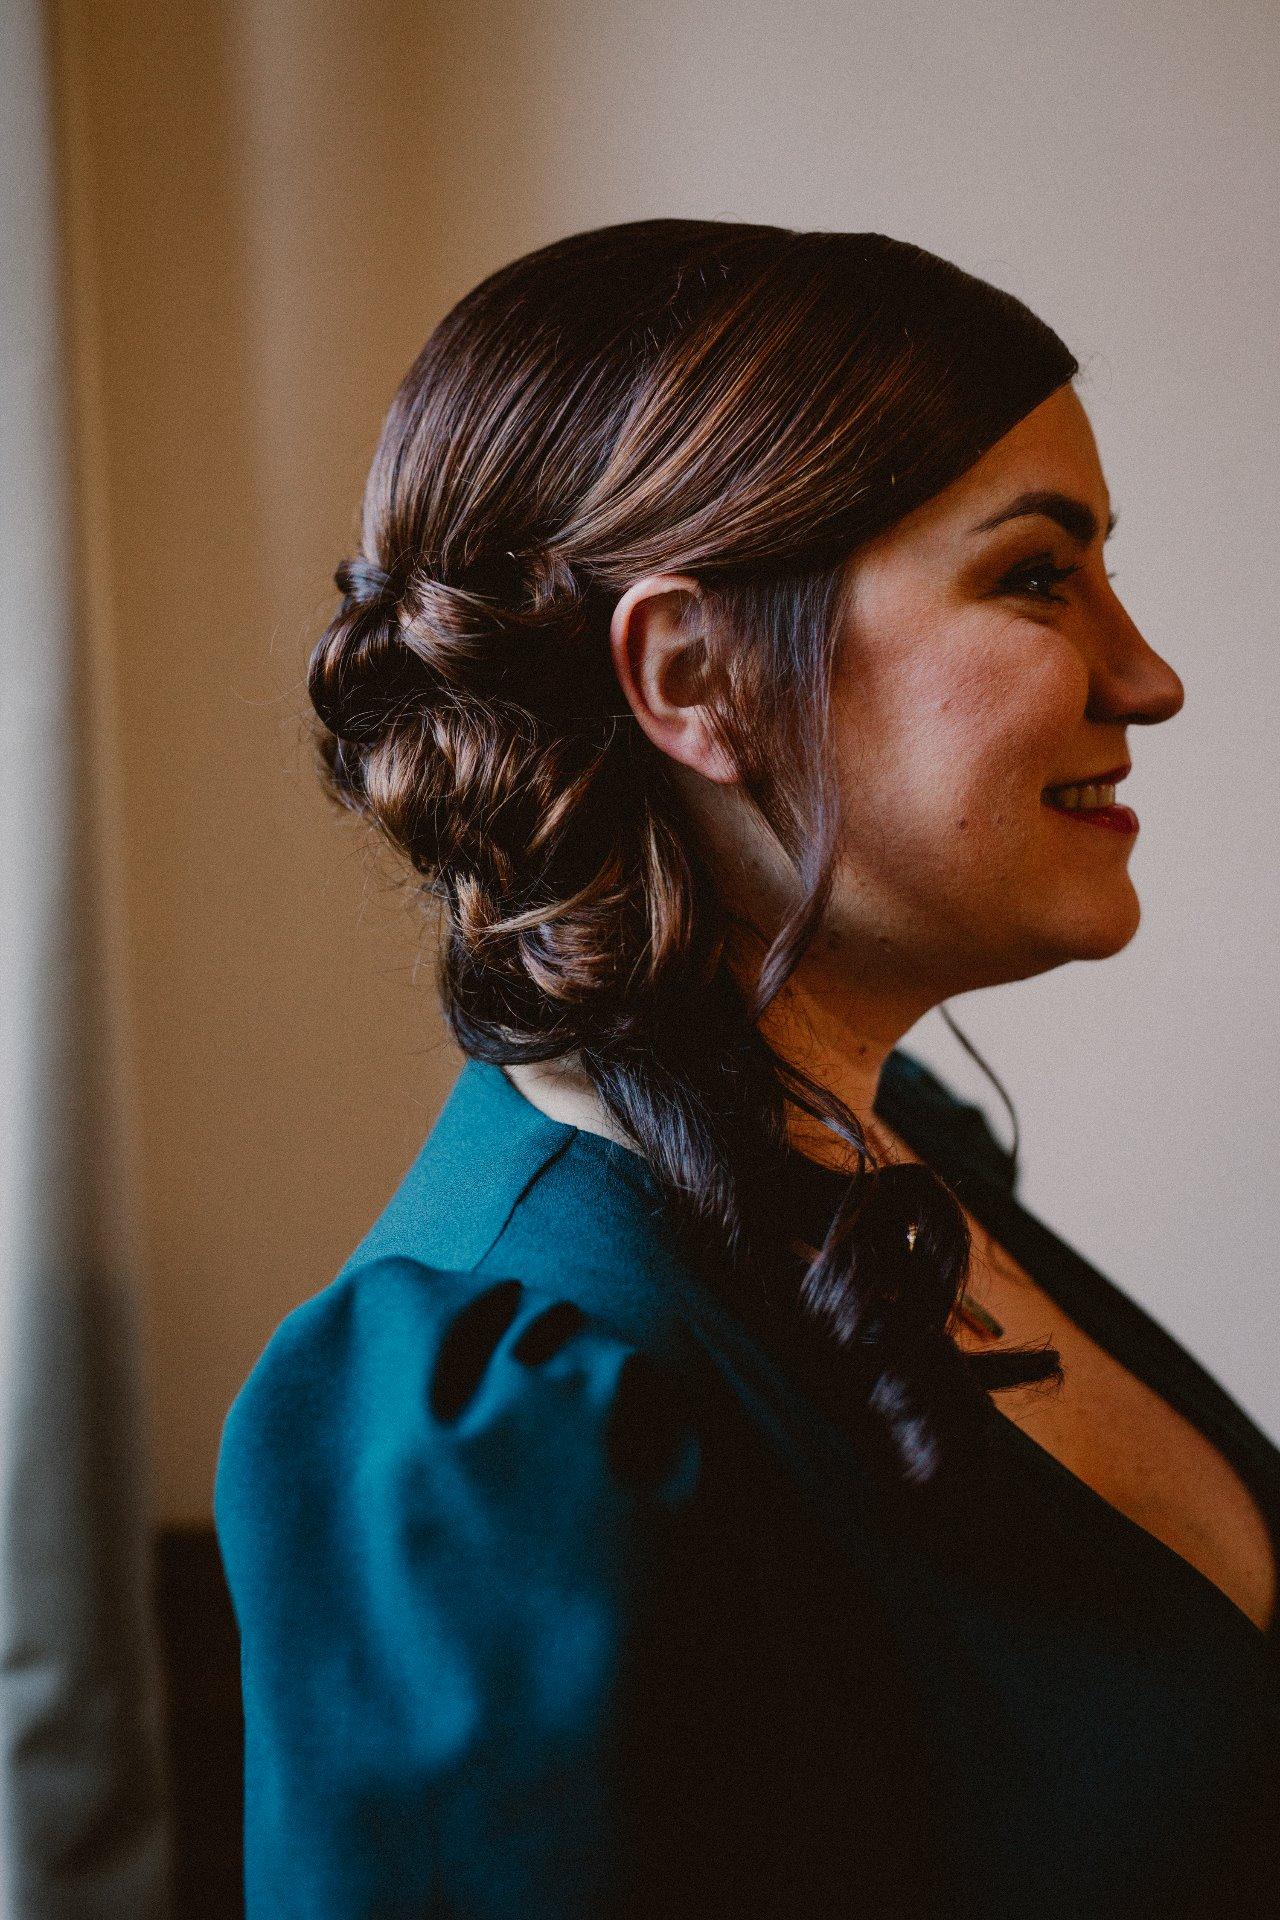 sterenn-officiante-ceremonie-laique-coiffure-maquillage-demoiselle-honneur-291